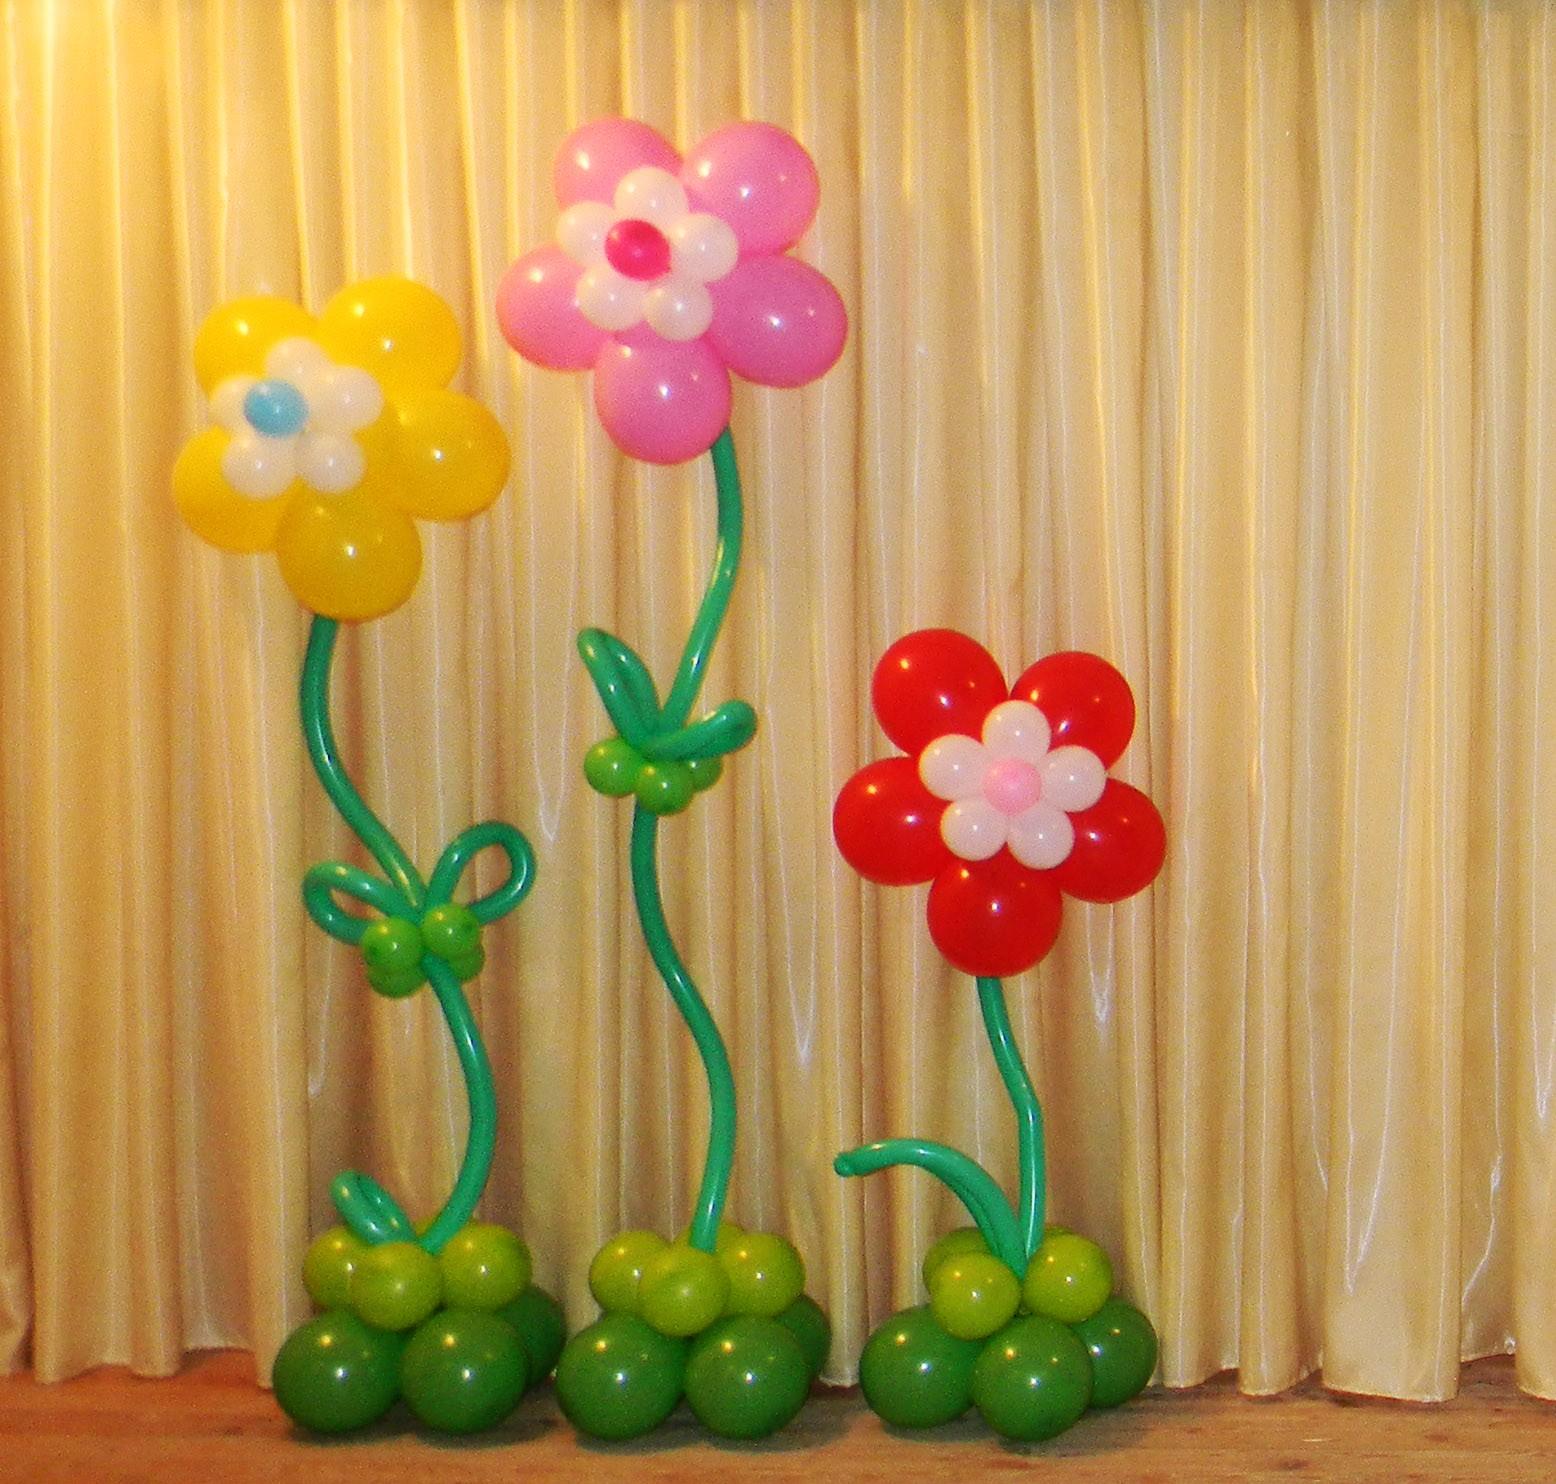 Цветы из шаров на подставке фото